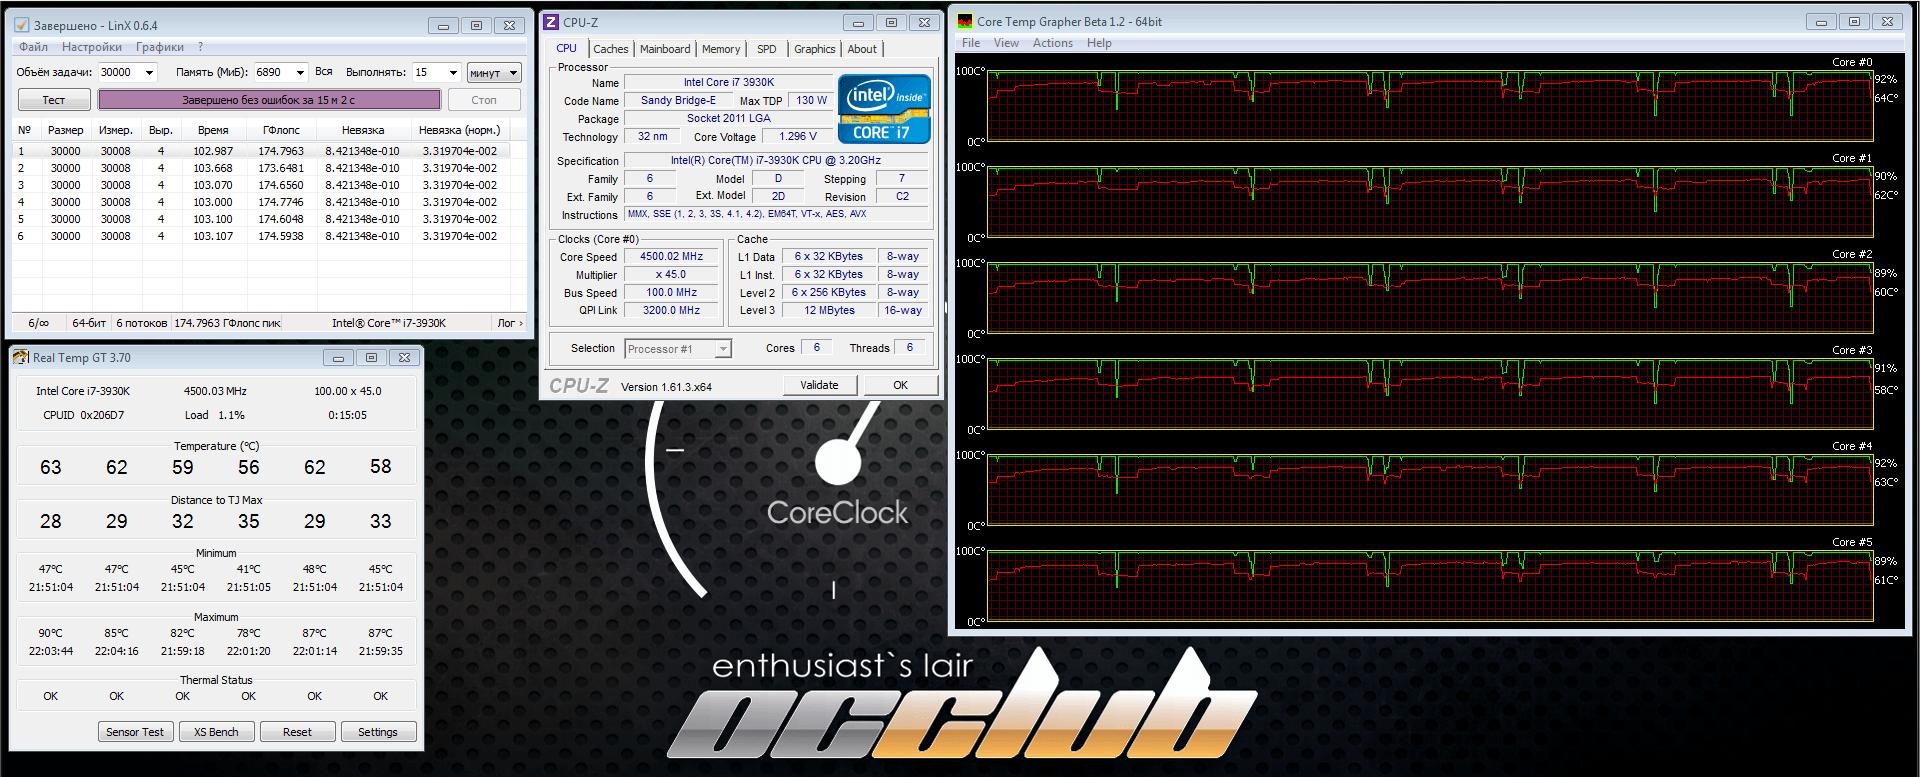 Обзор и тестирование процессорного кулера Scythe Mugen 3 PC Games Hardware Edition